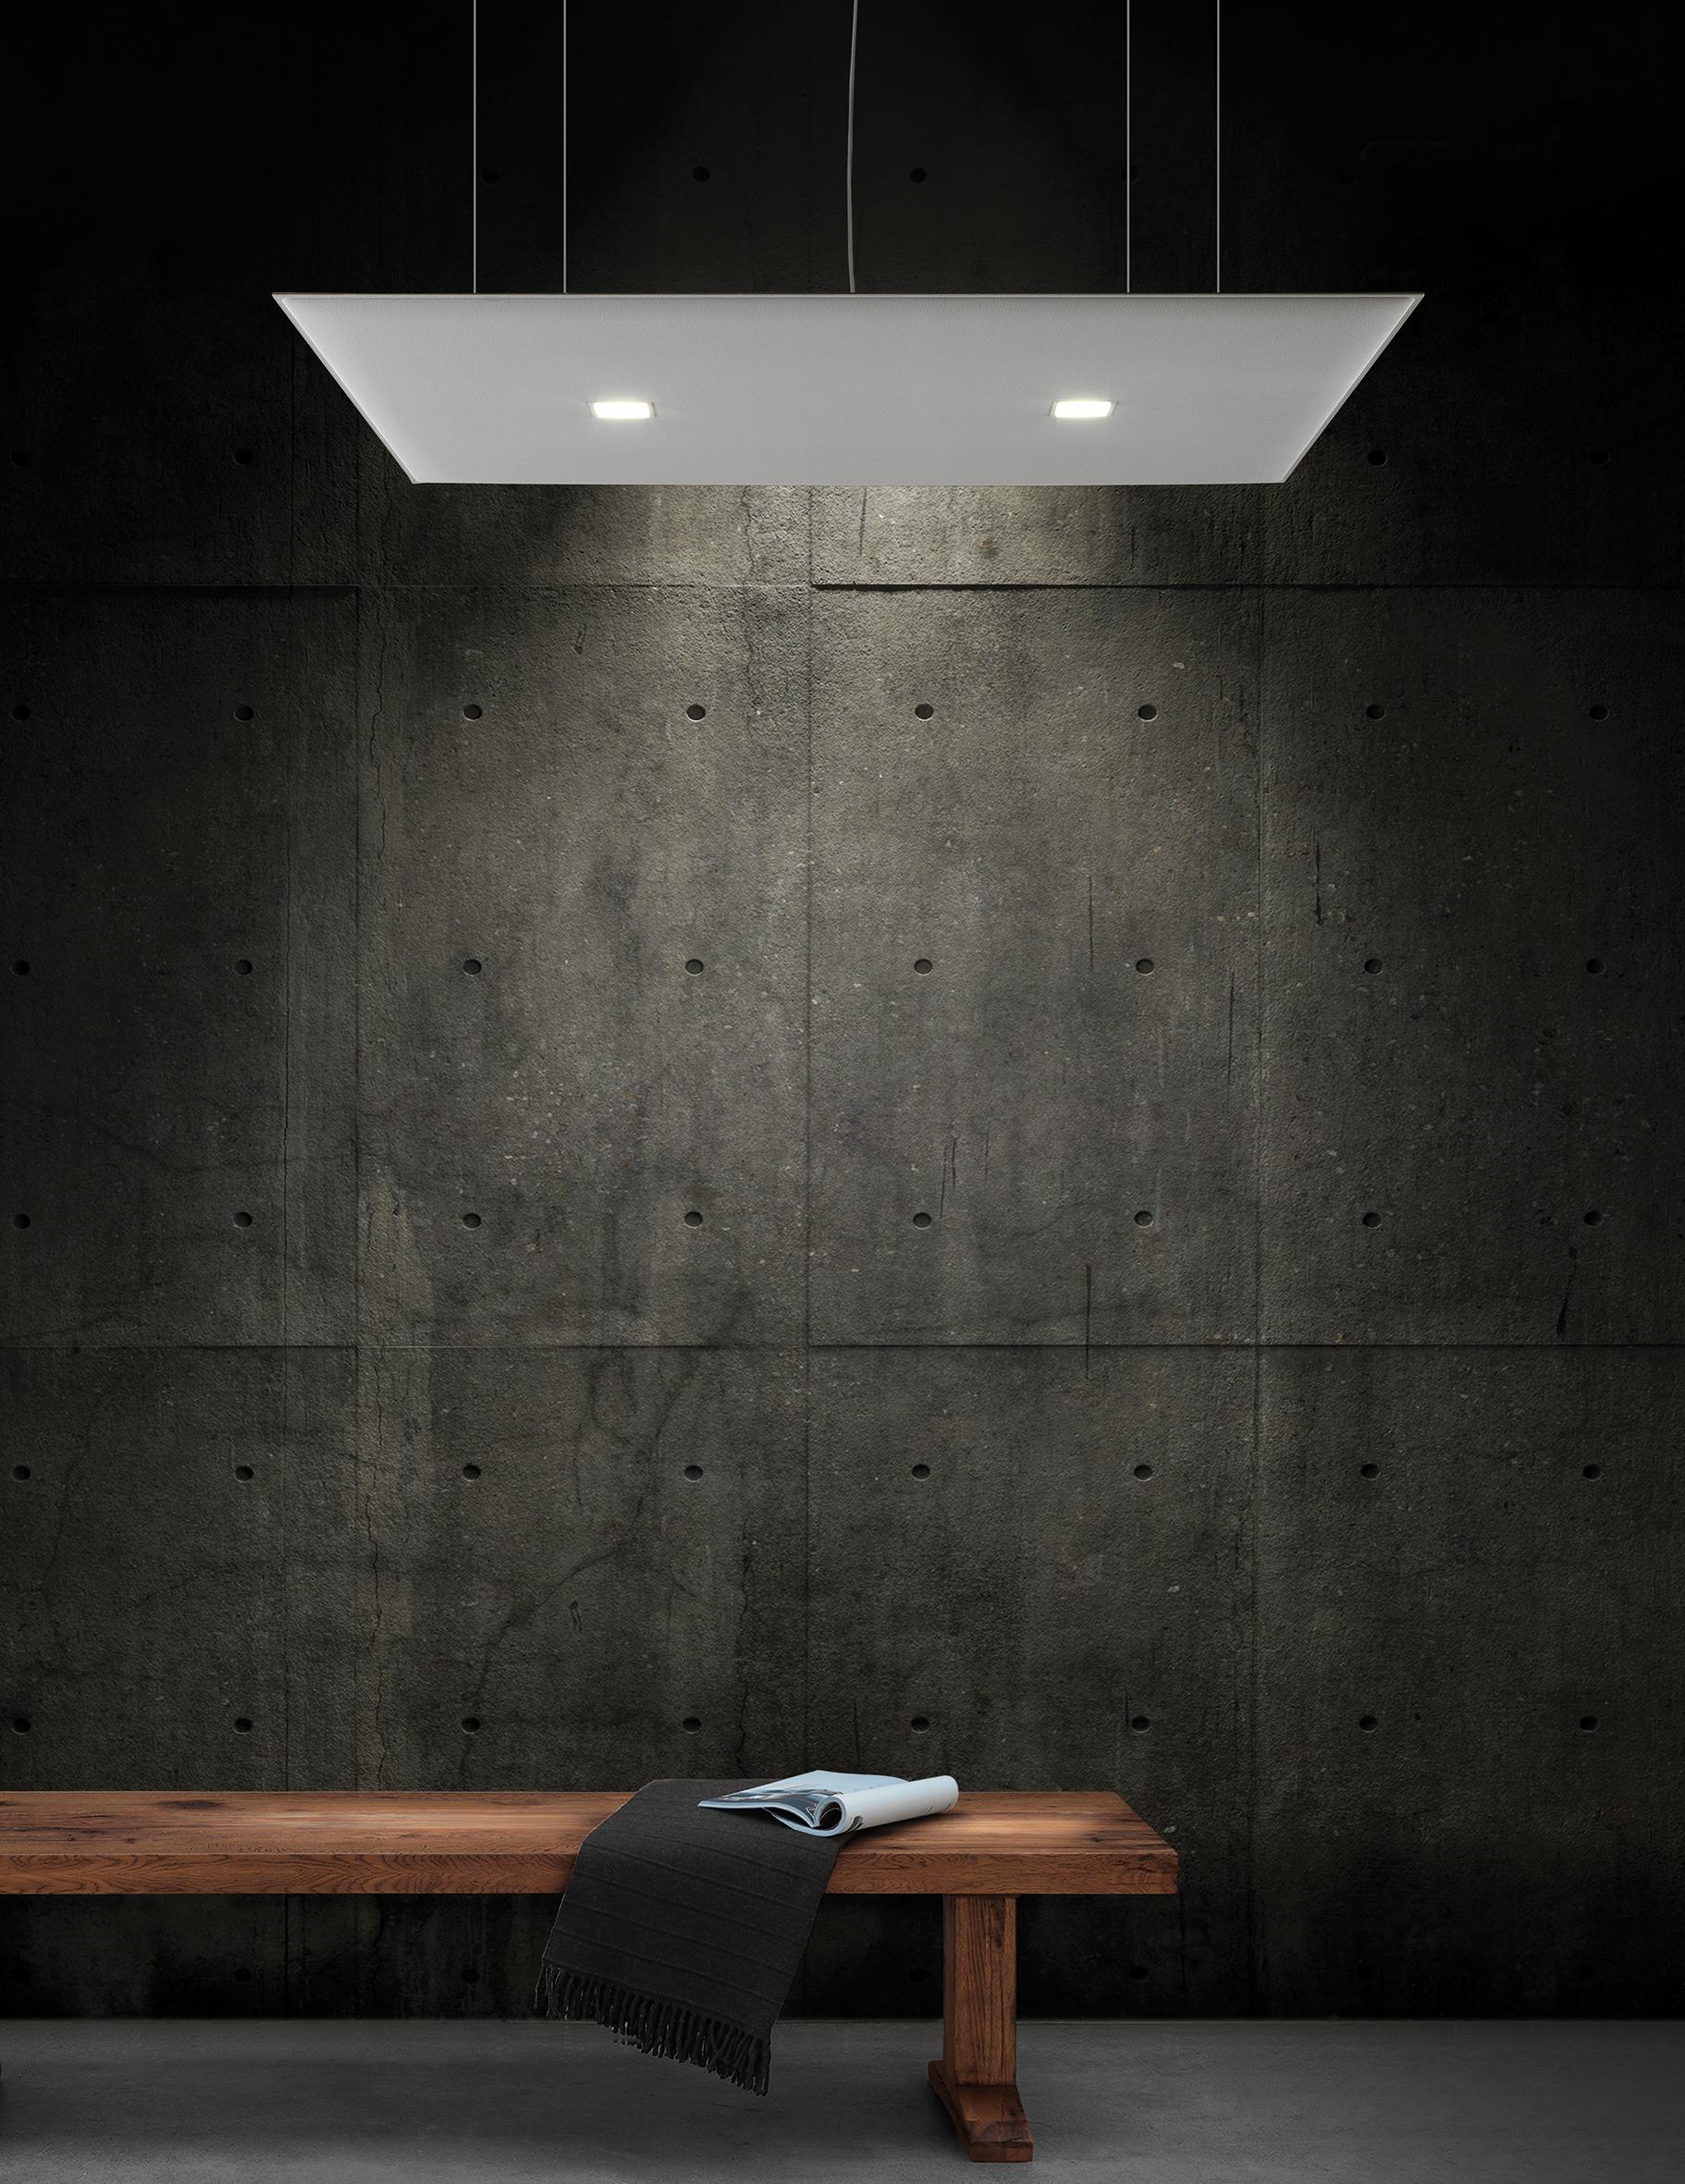 CAIMI Caimi Oversize Lux Ceiling - Gamme de panneaux acoustiques plafond lumineux